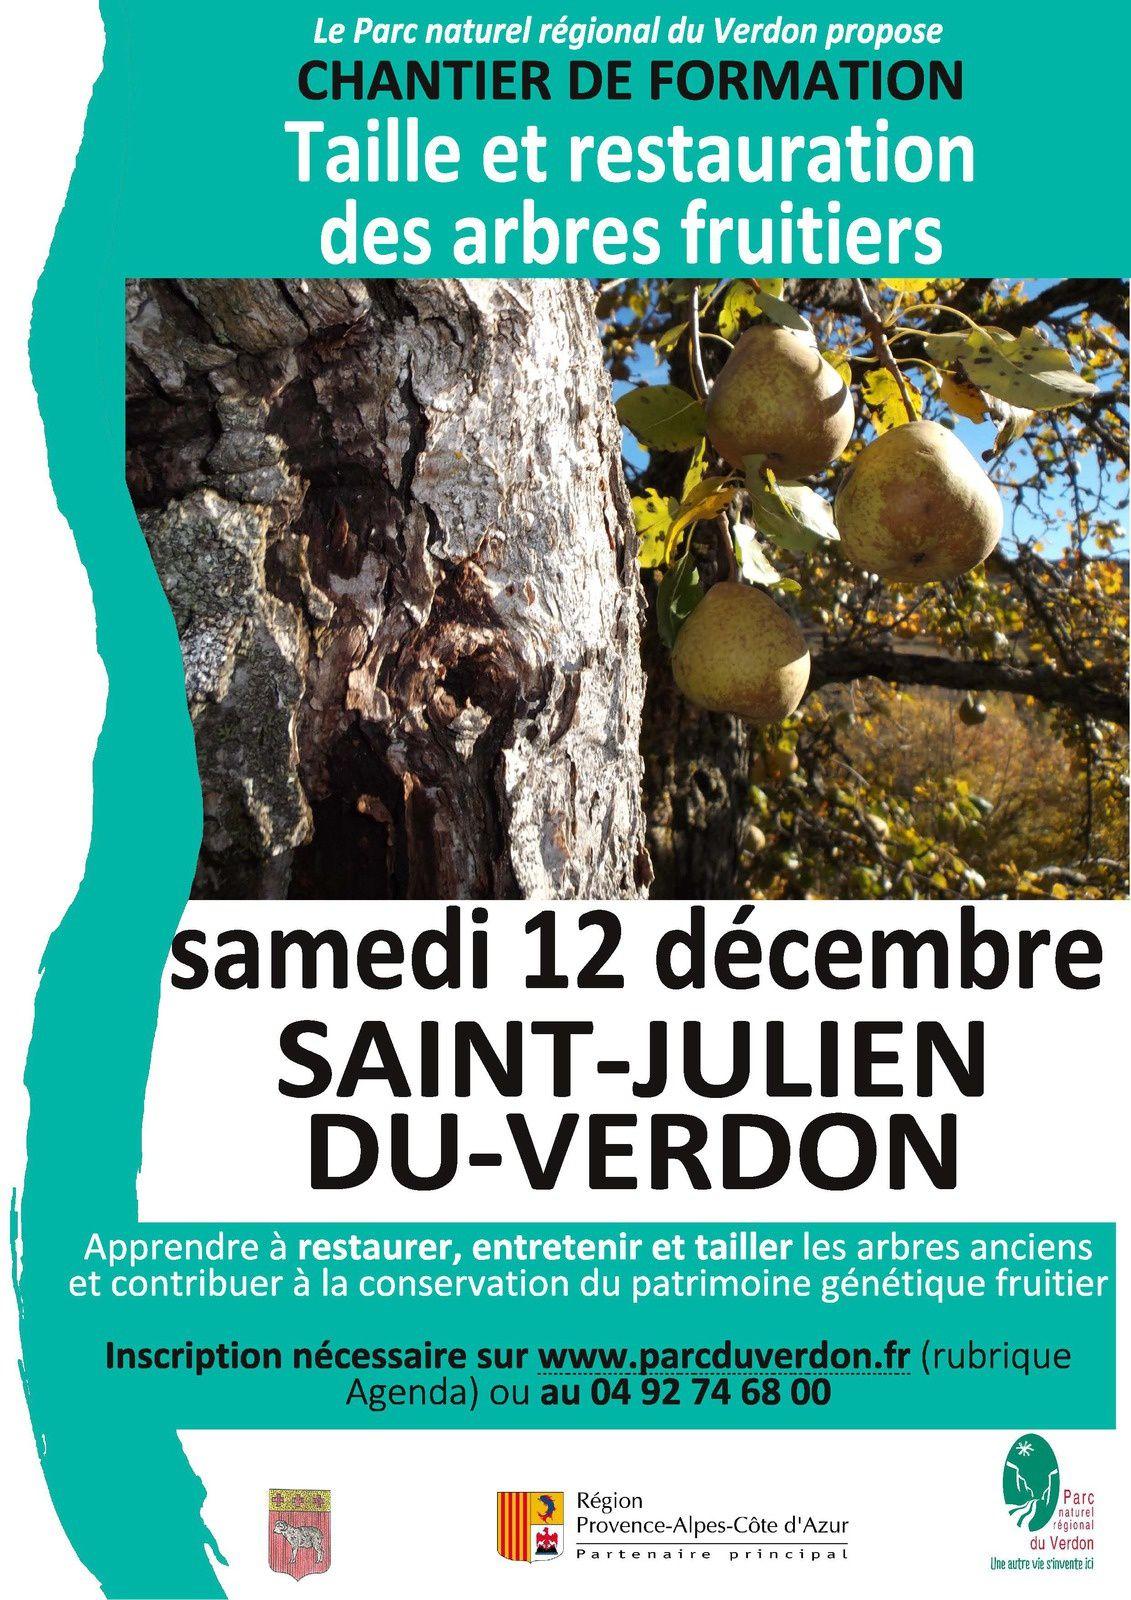 Chantier-formation :  Taille, restauration et soins de vieux arbres fruitiers